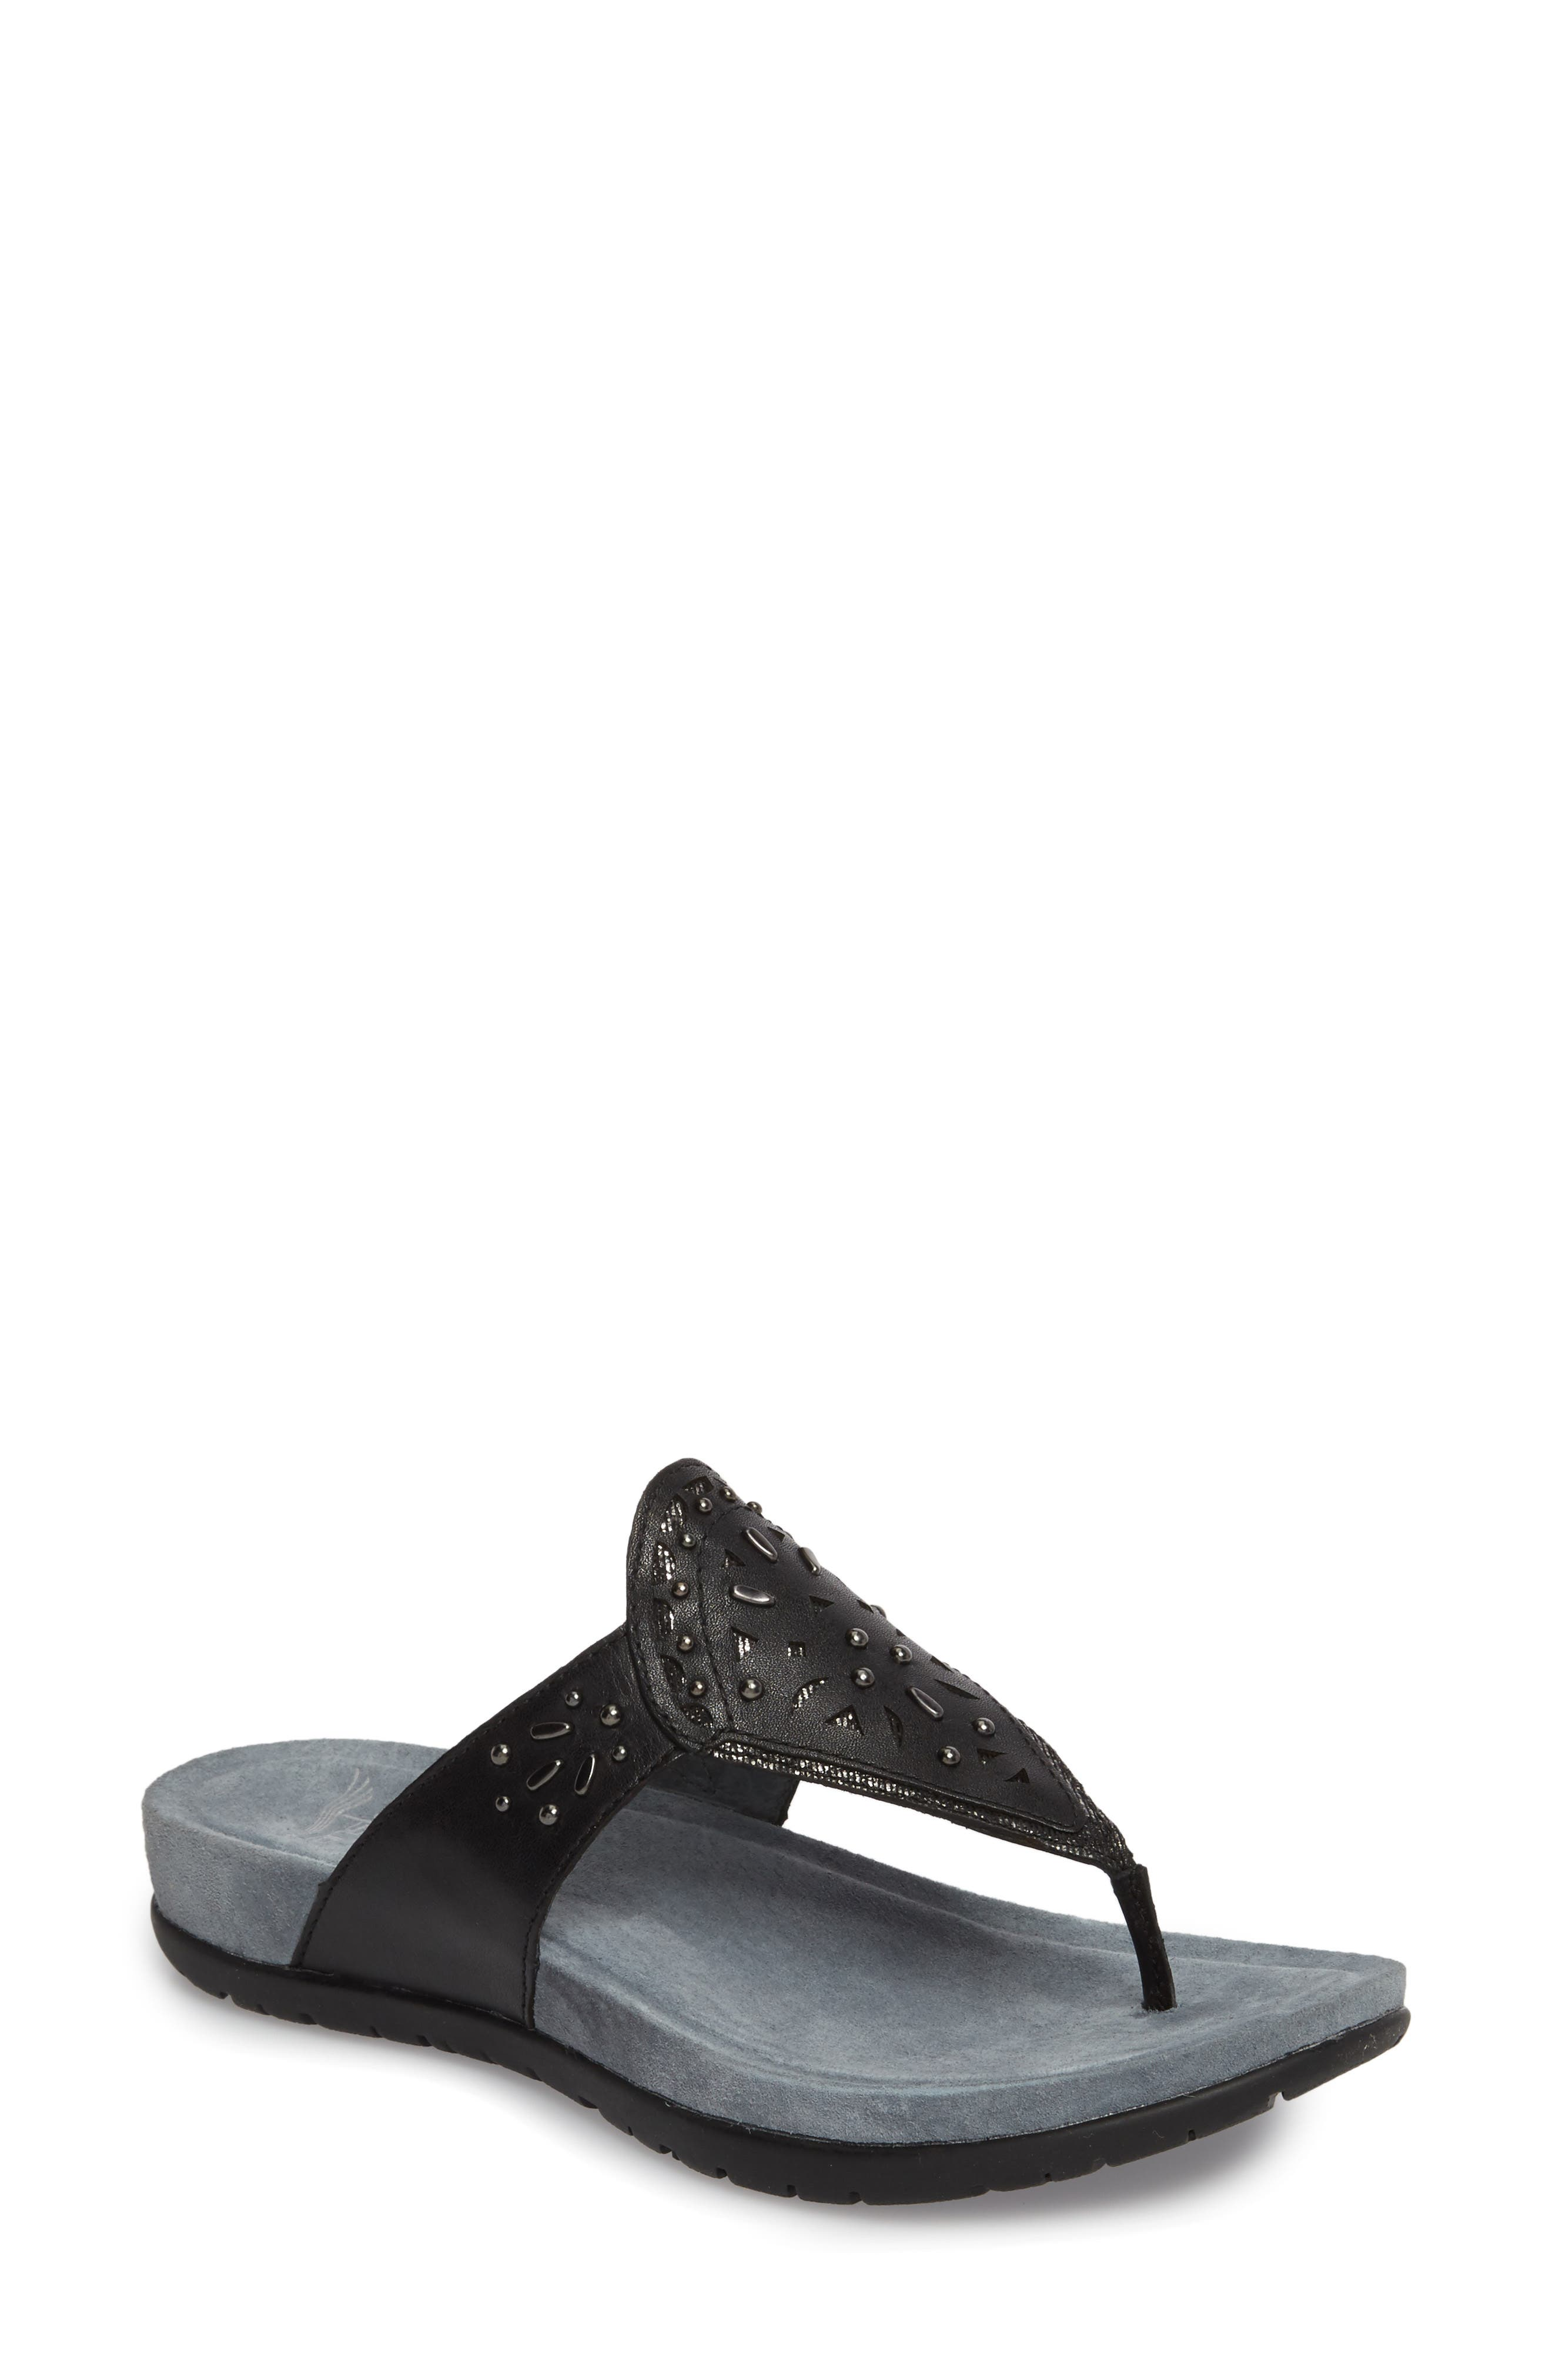 Benita Embellished Flip Flop,                         Main,                         color,